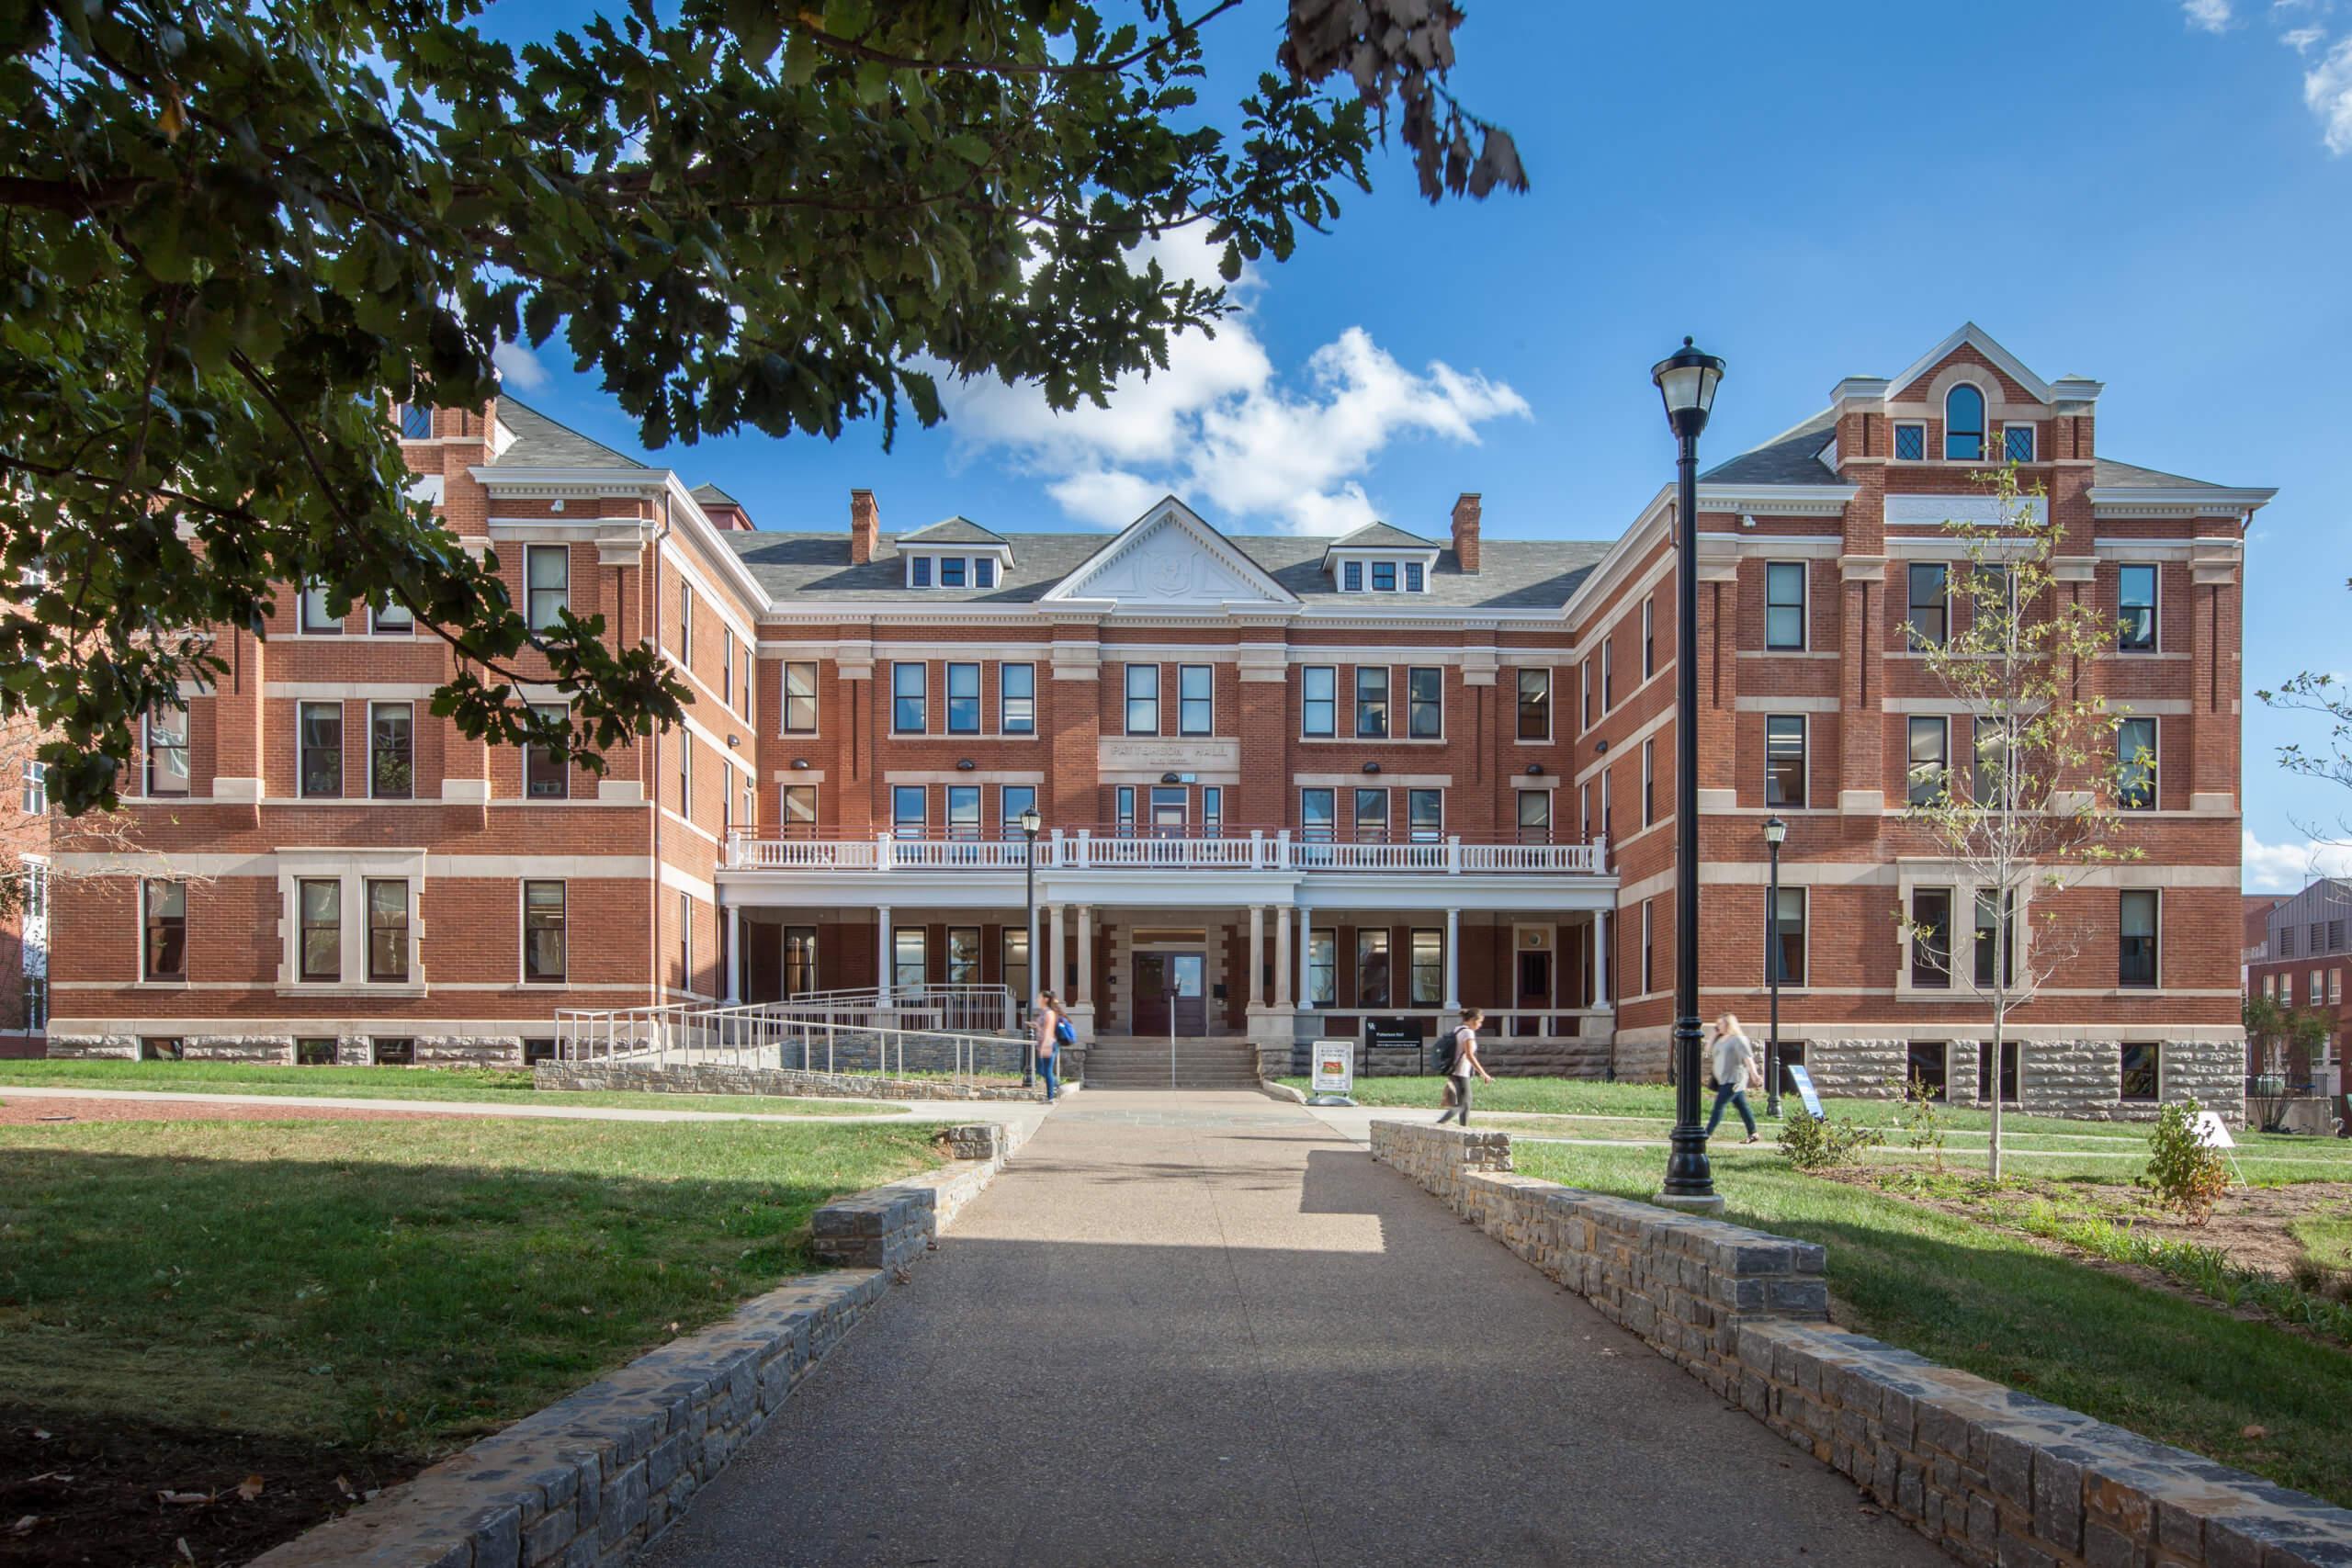 University of Kentucky, Patterson Hall